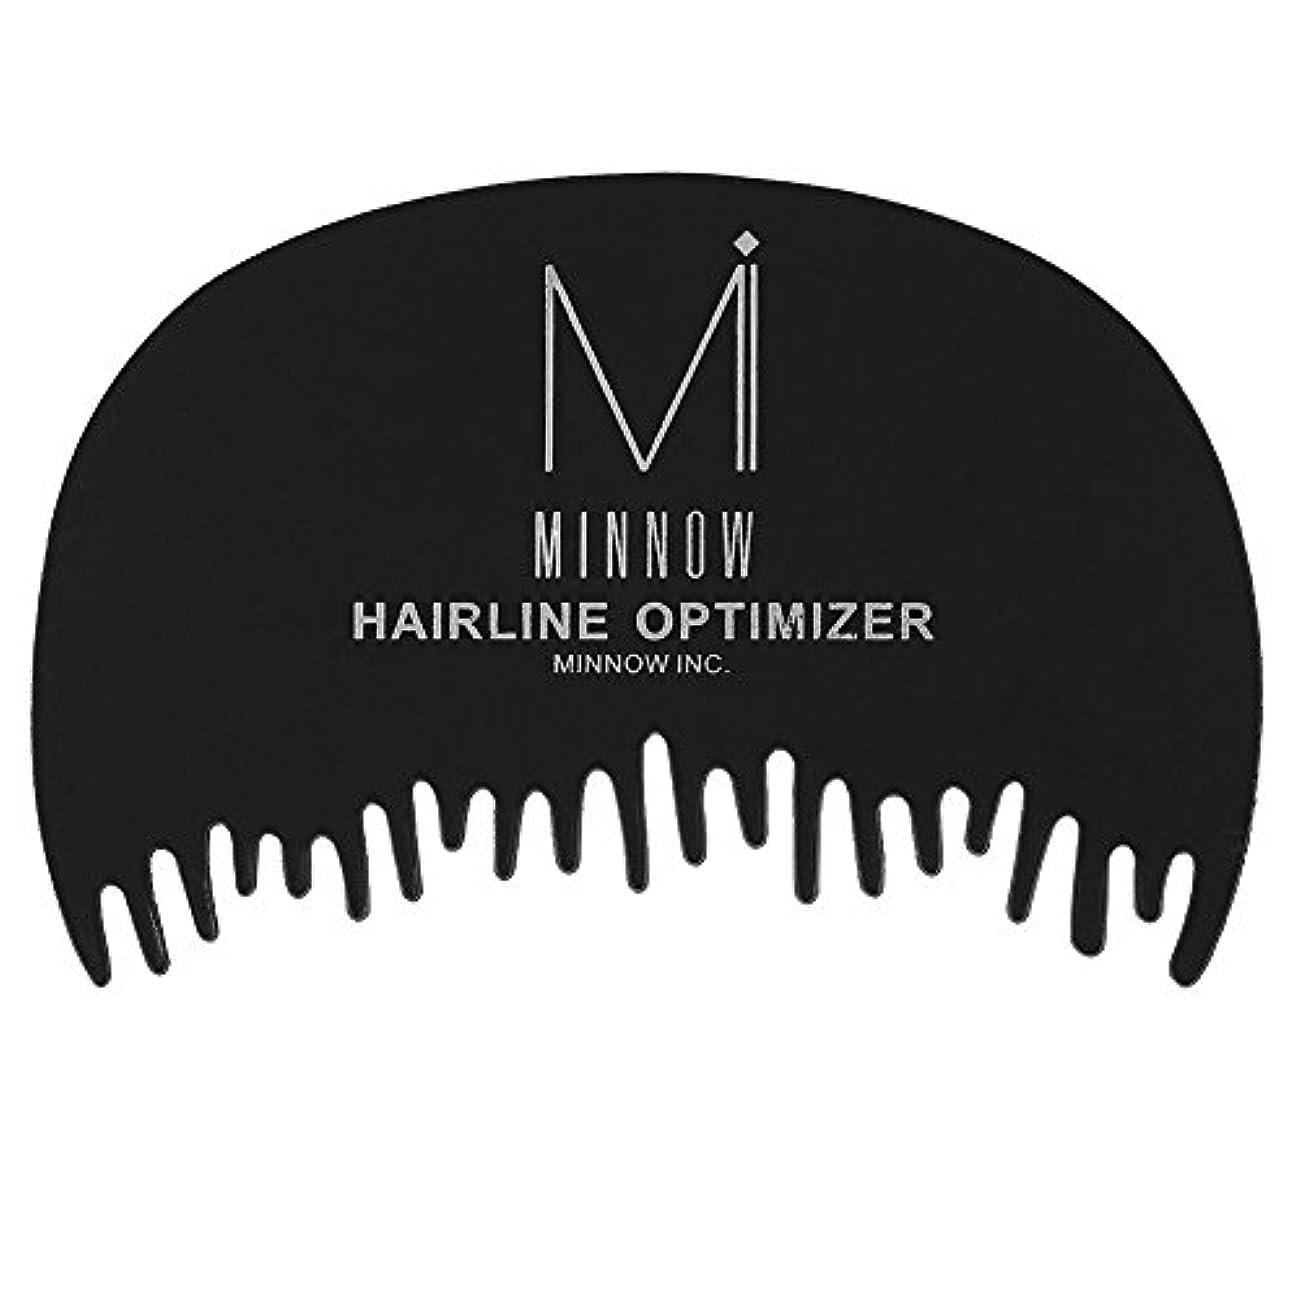 ドロップアジャ中止しますヘアラインコーム、ヘアドレッサー細い毛繊維の前髪ヘアラインオプティマイザーフィルムプラスチック専用コーム、プロフェッショナルビューティーサロン製品アクセサリー